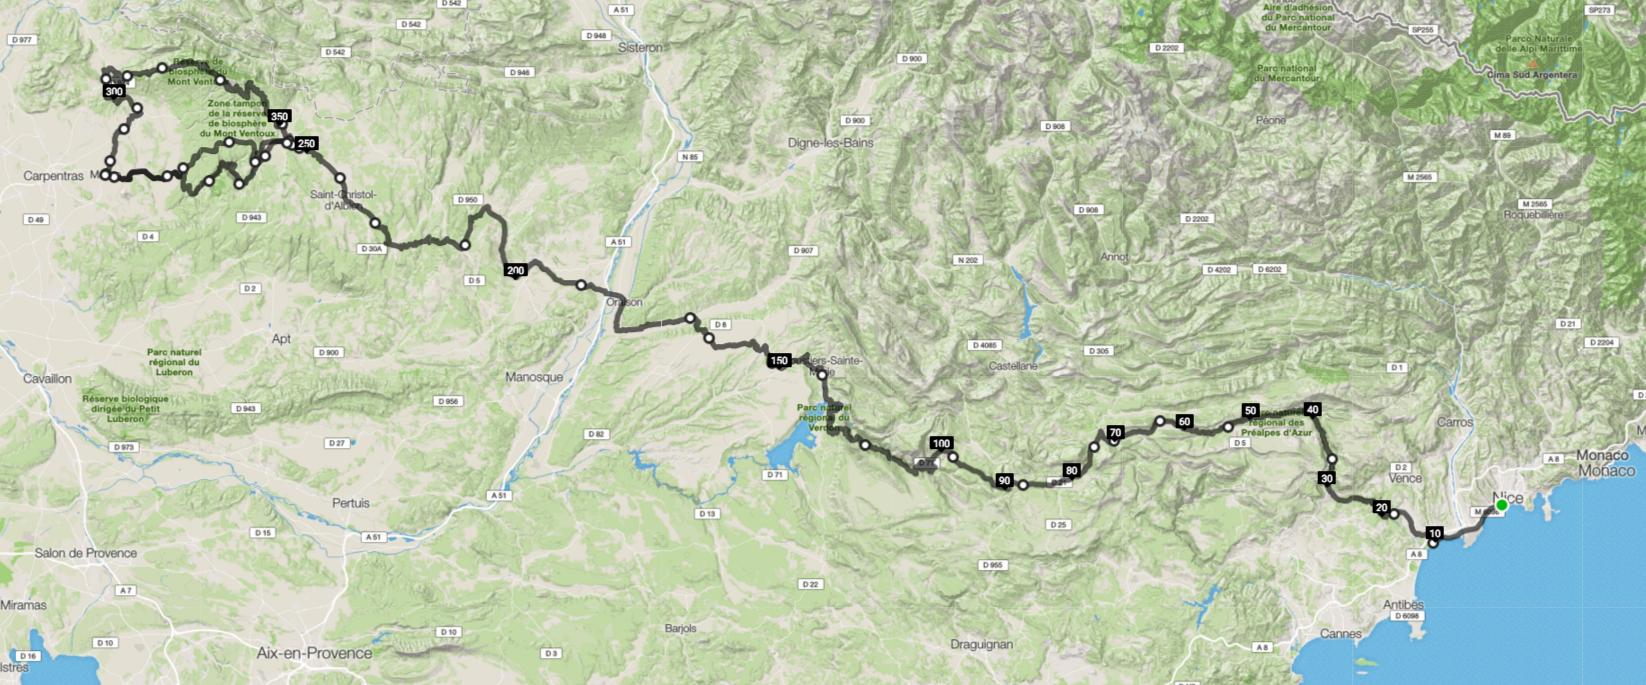 Parcours zoom - Challenge Nice Mont Ventoux 2016